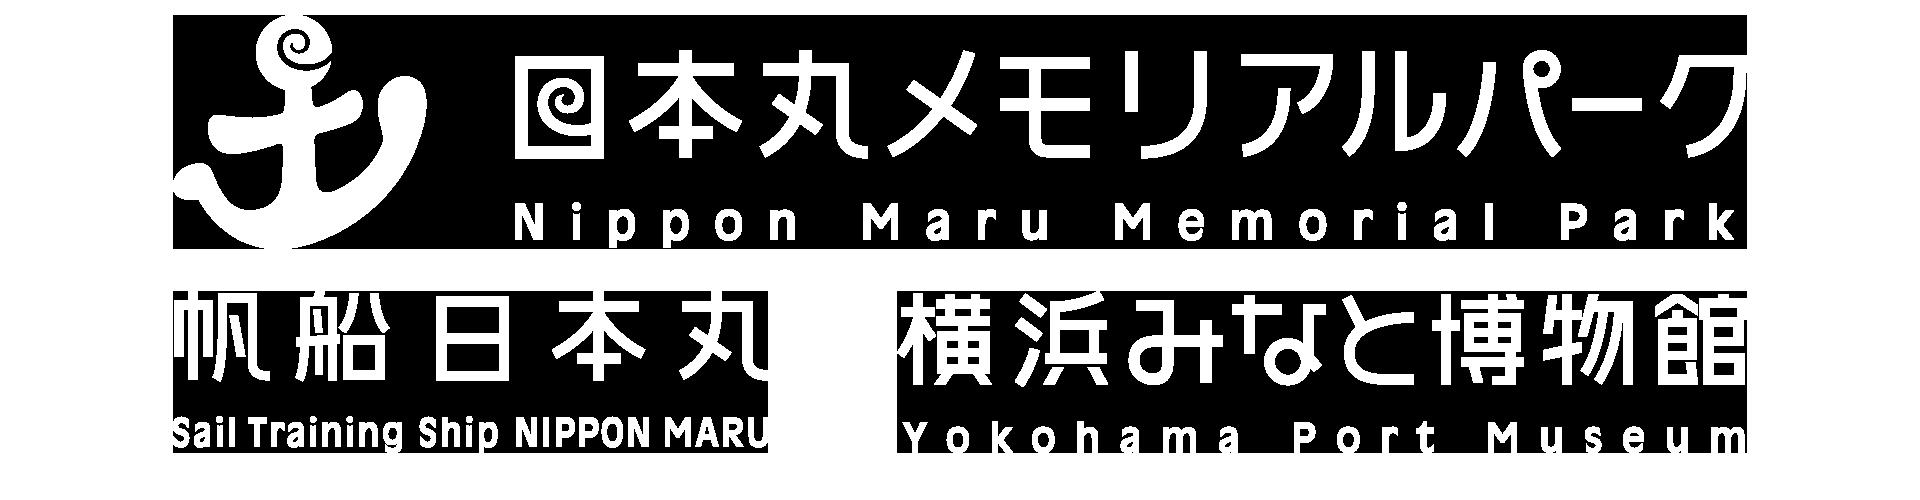 日本丸メモリアルパークタイトルゴロ